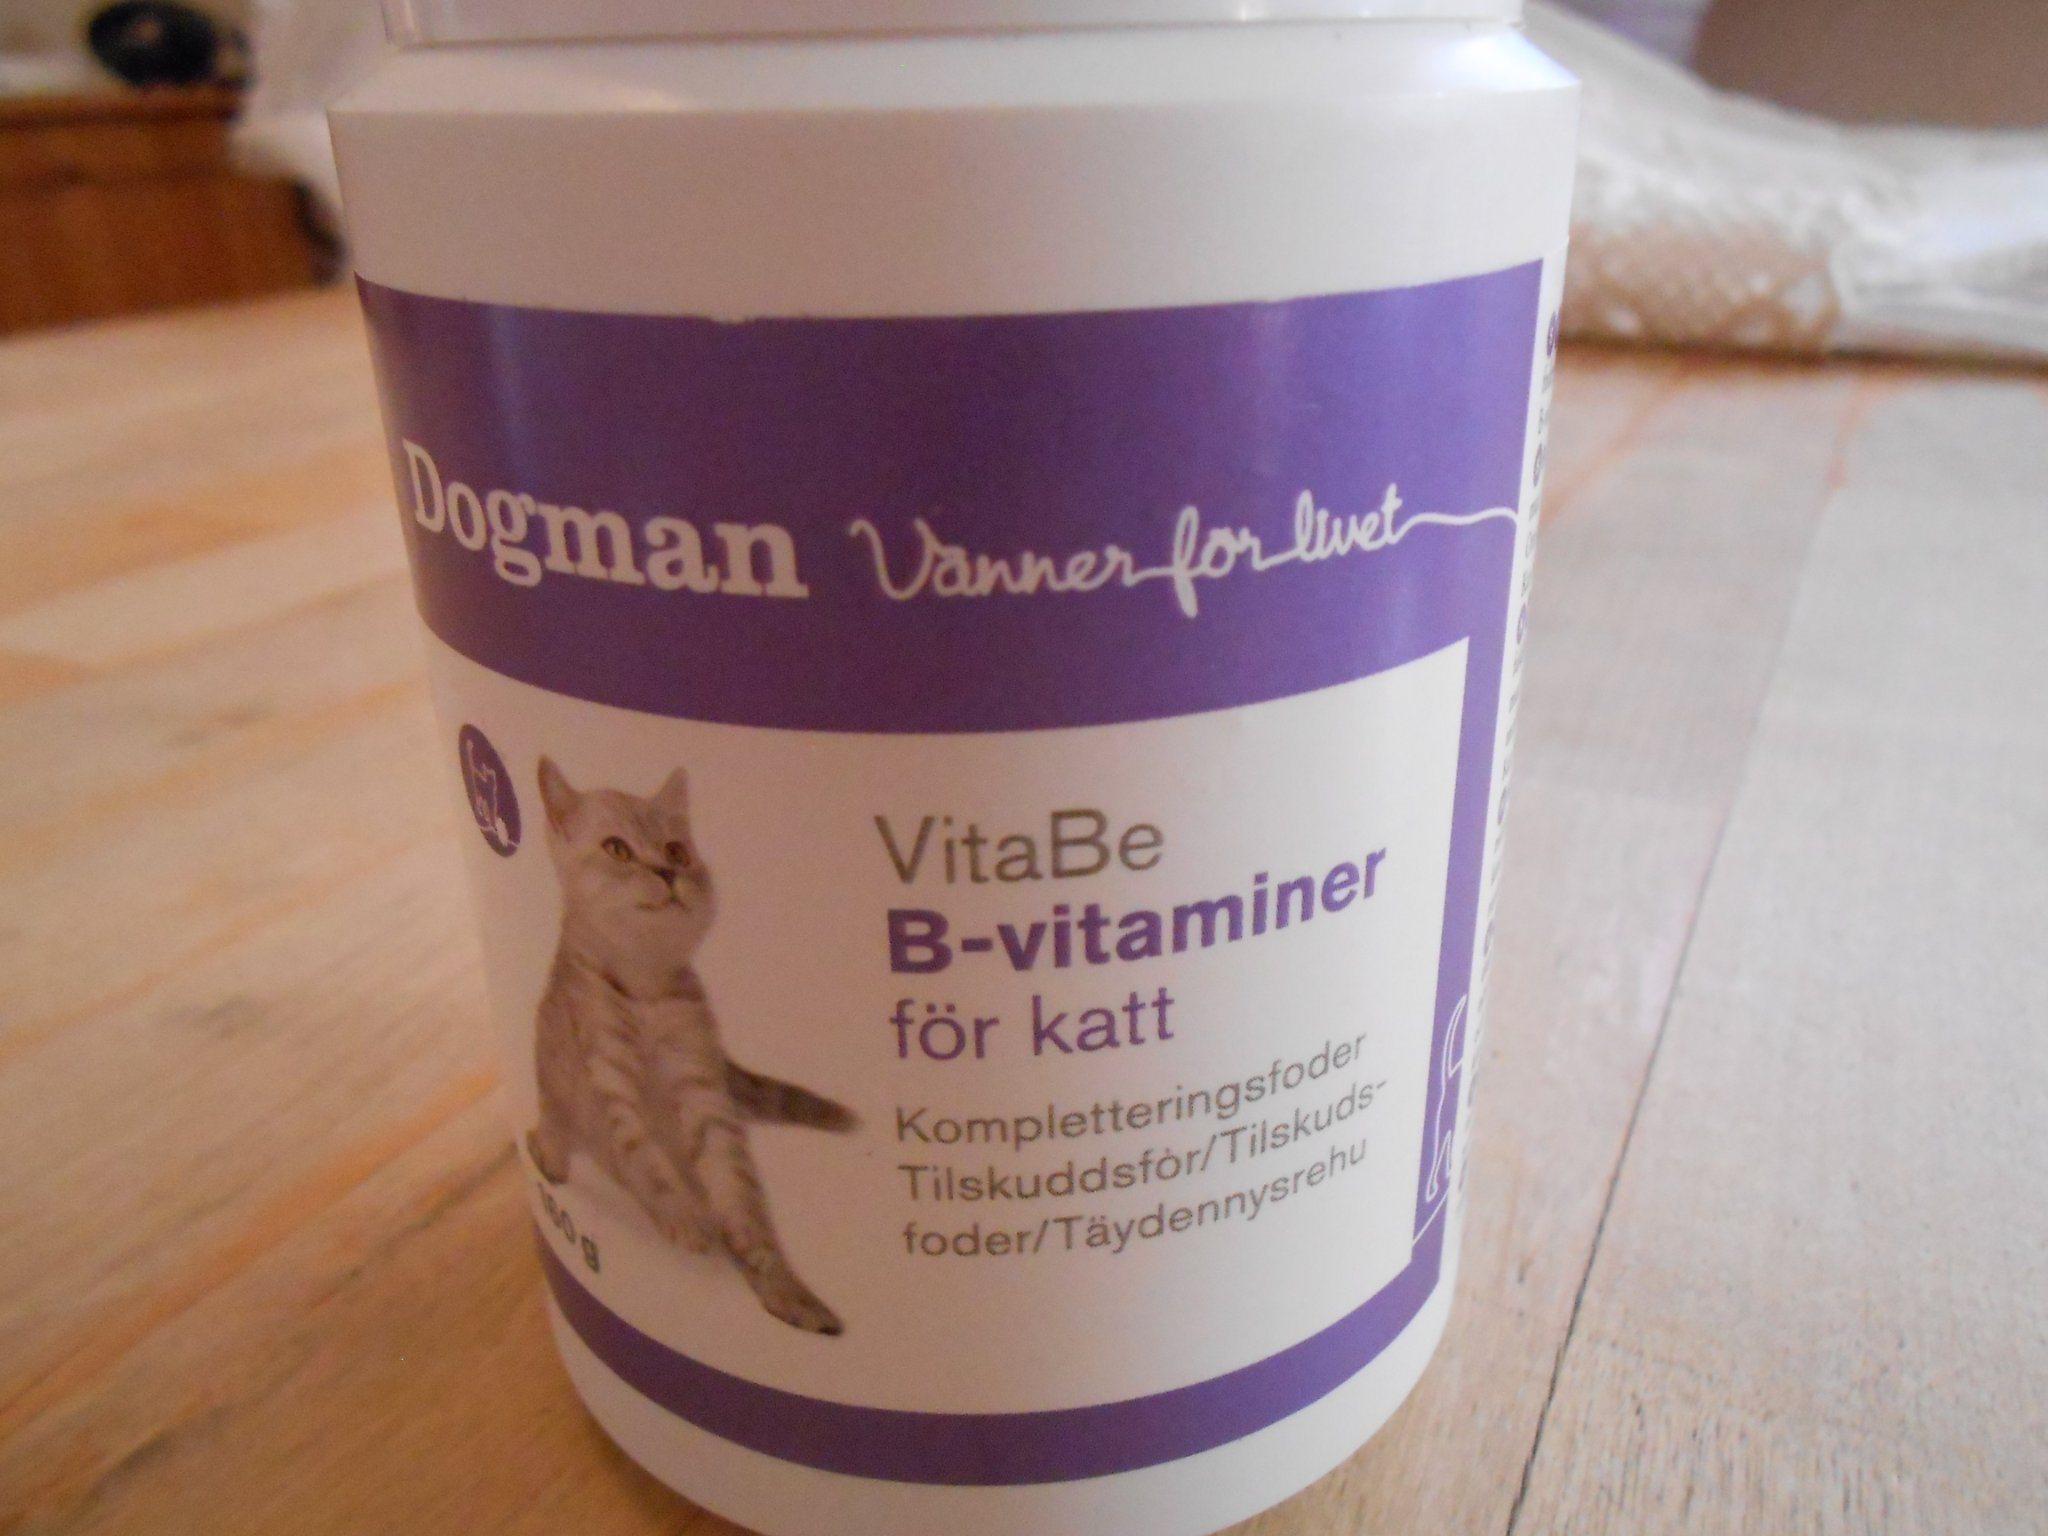 b vitaminbrist katt